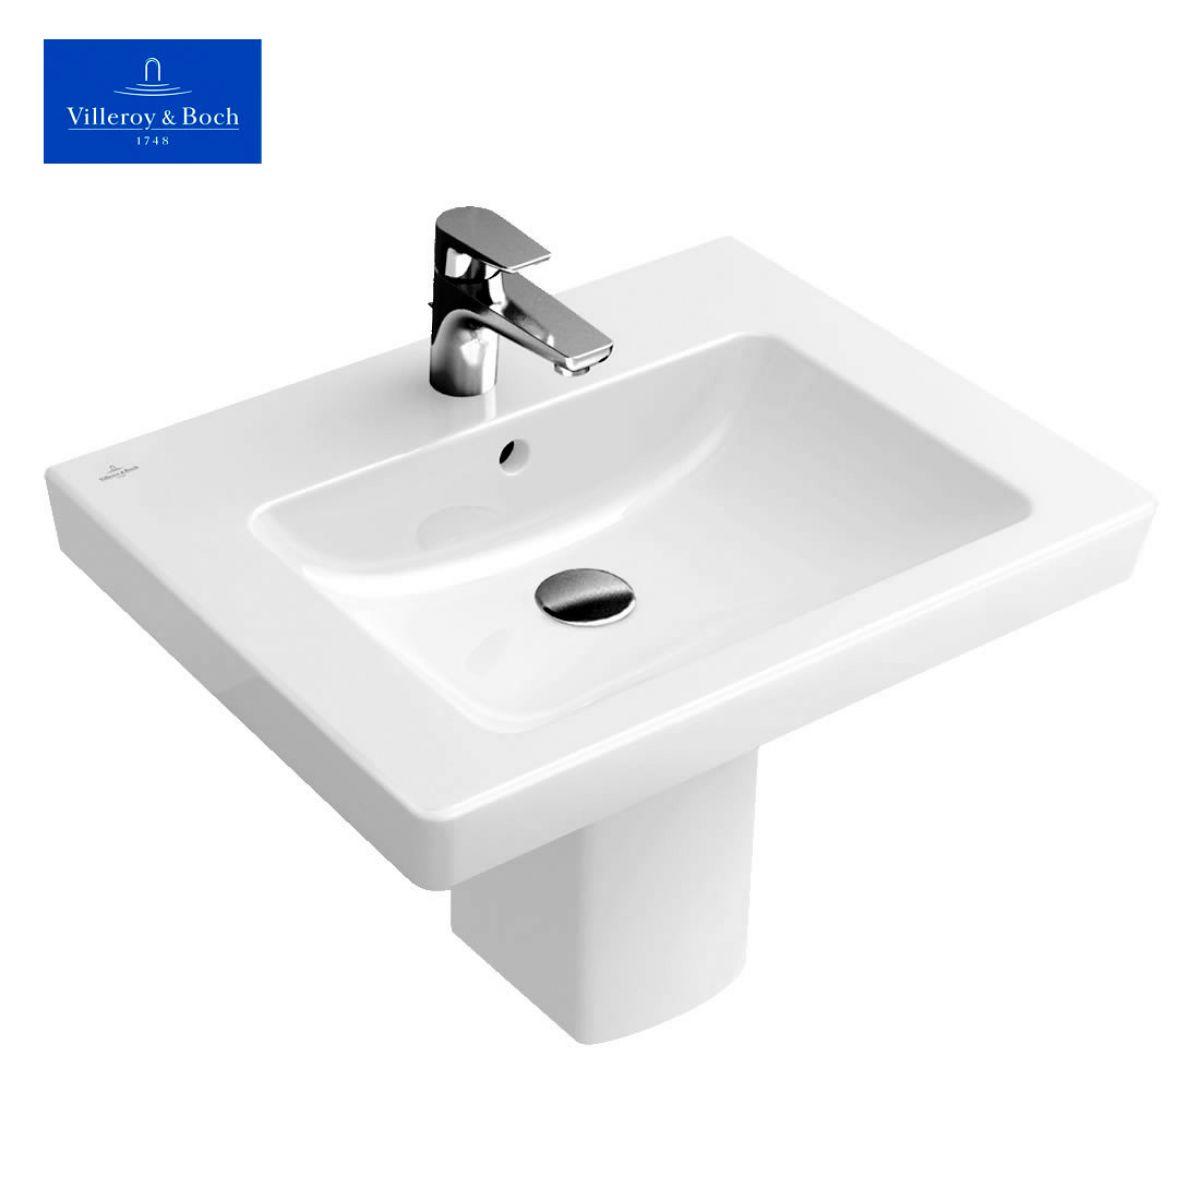 villeroy boch subway 2 0 square washbasin bathrooms. Black Bedroom Furniture Sets. Home Design Ideas